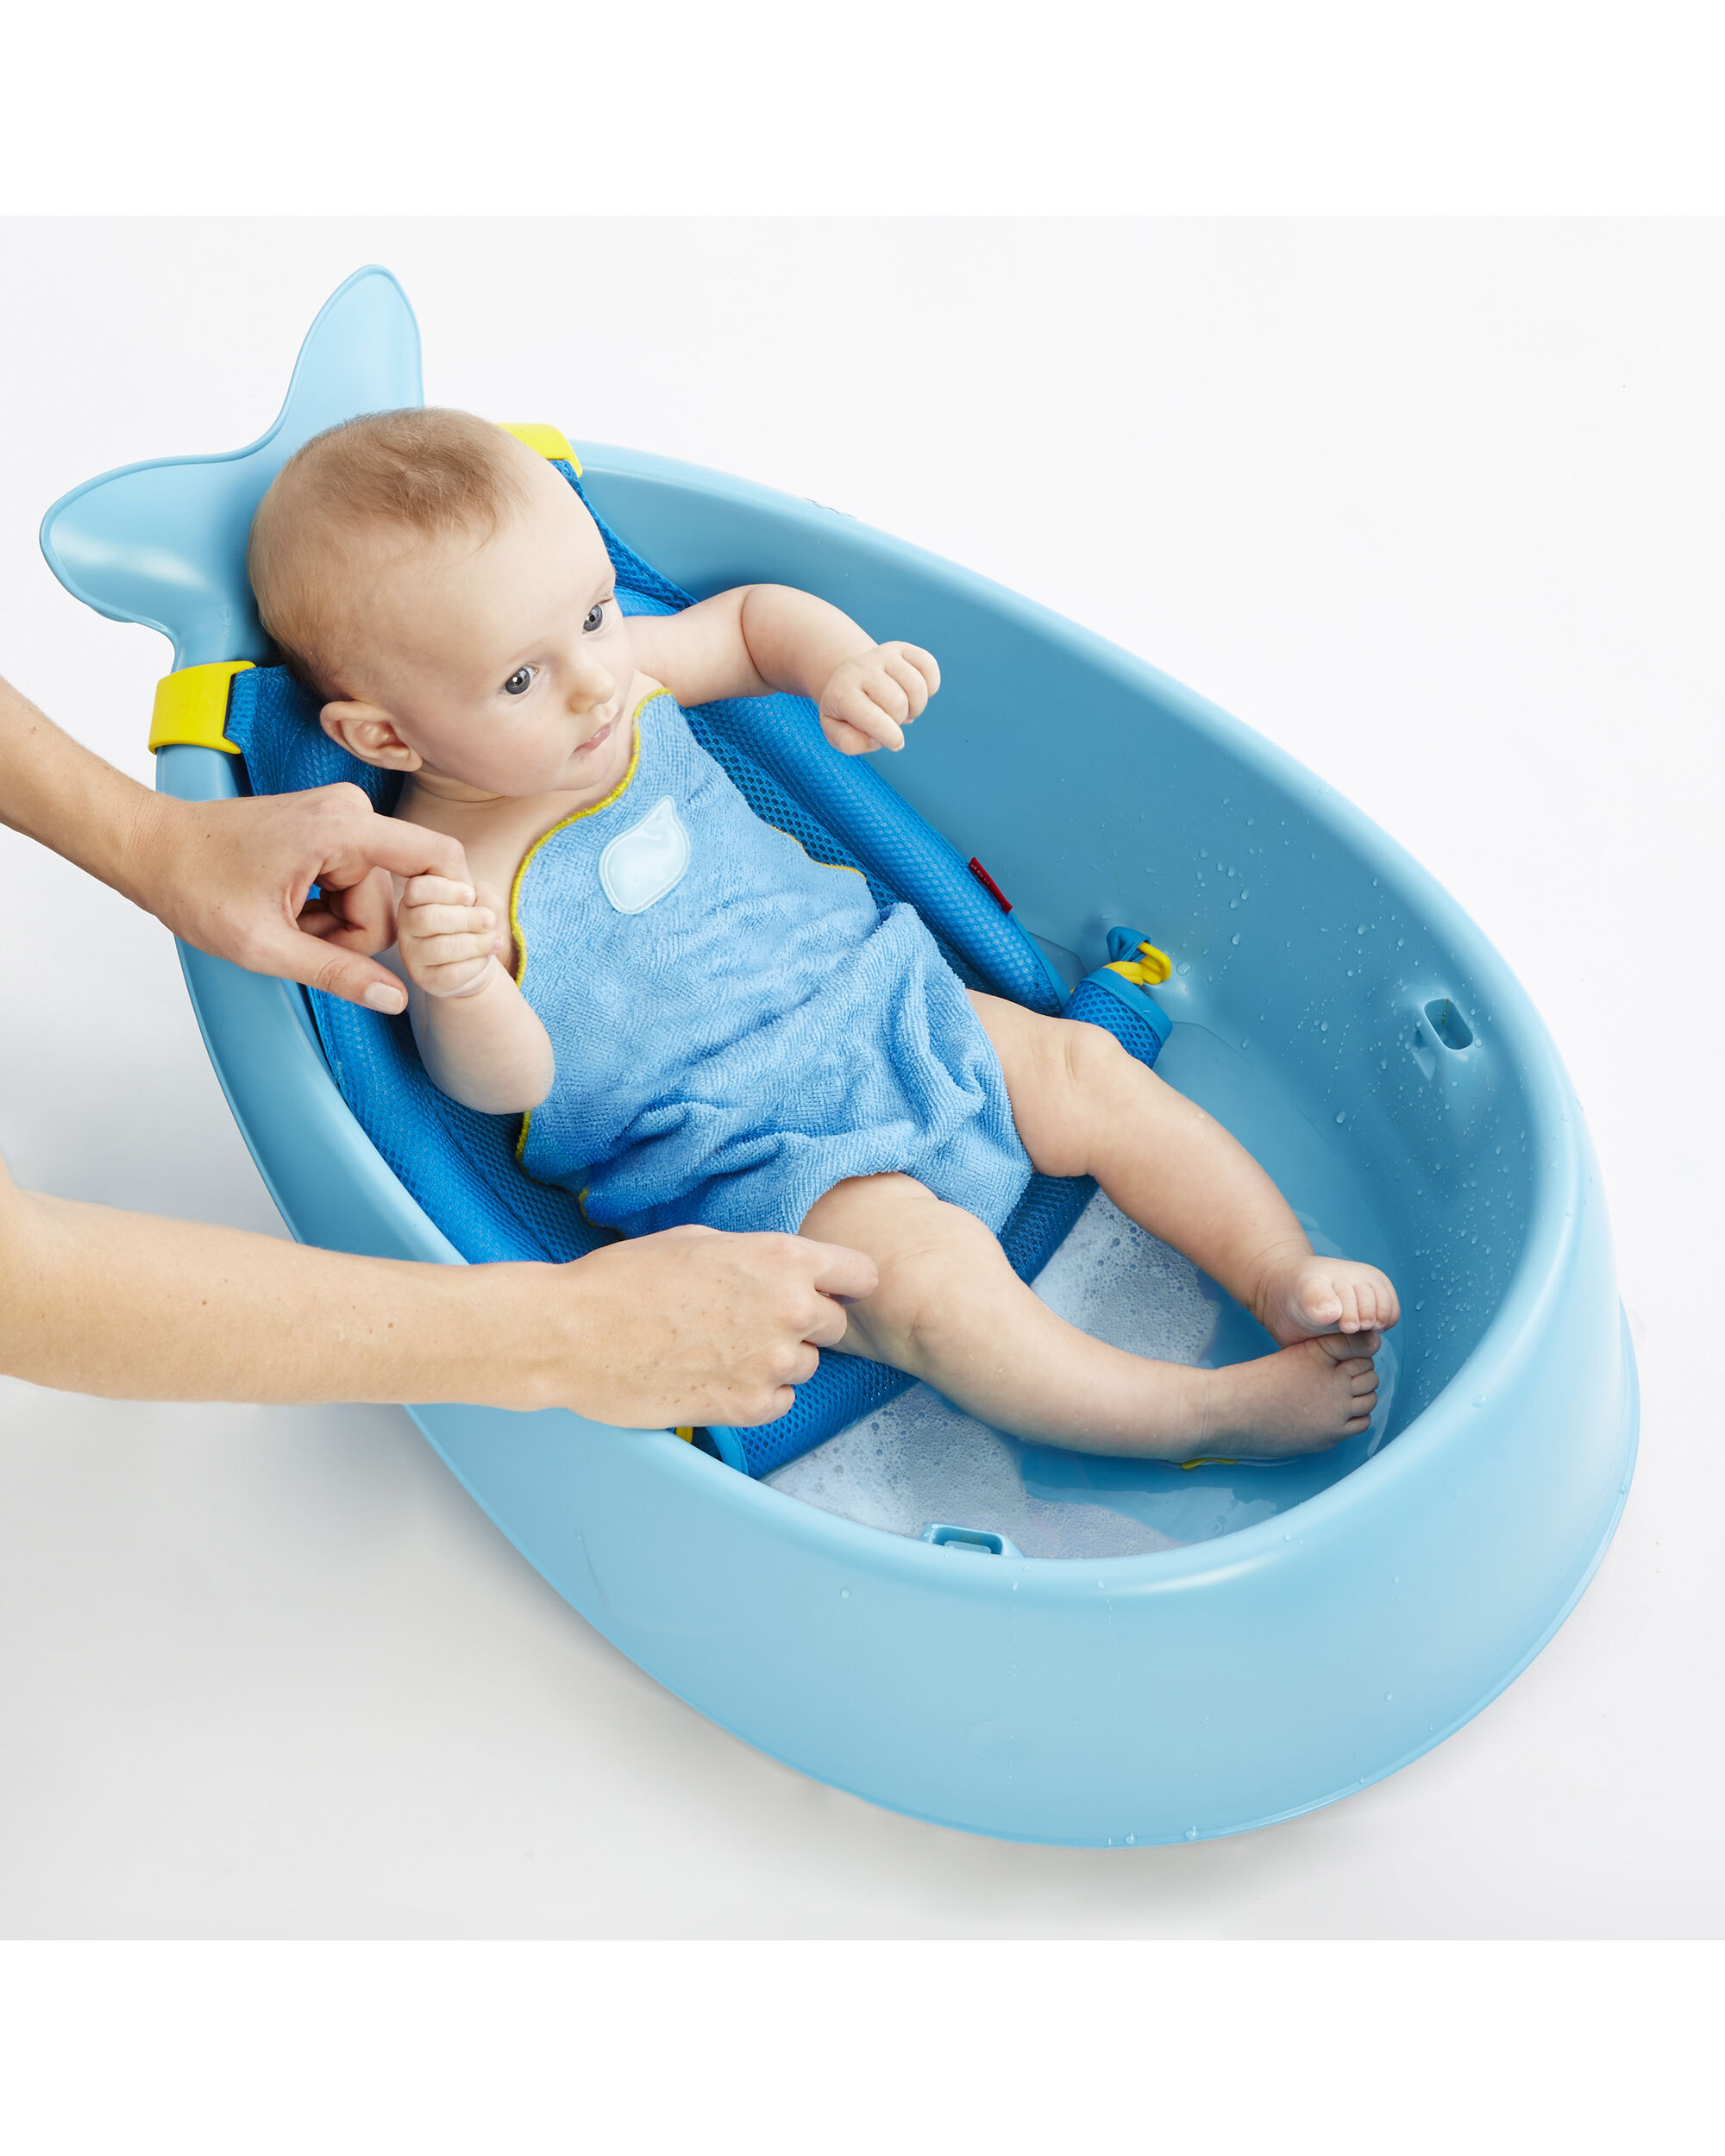 Moby Warm-Up Bath Cuddler | Skiphop.com